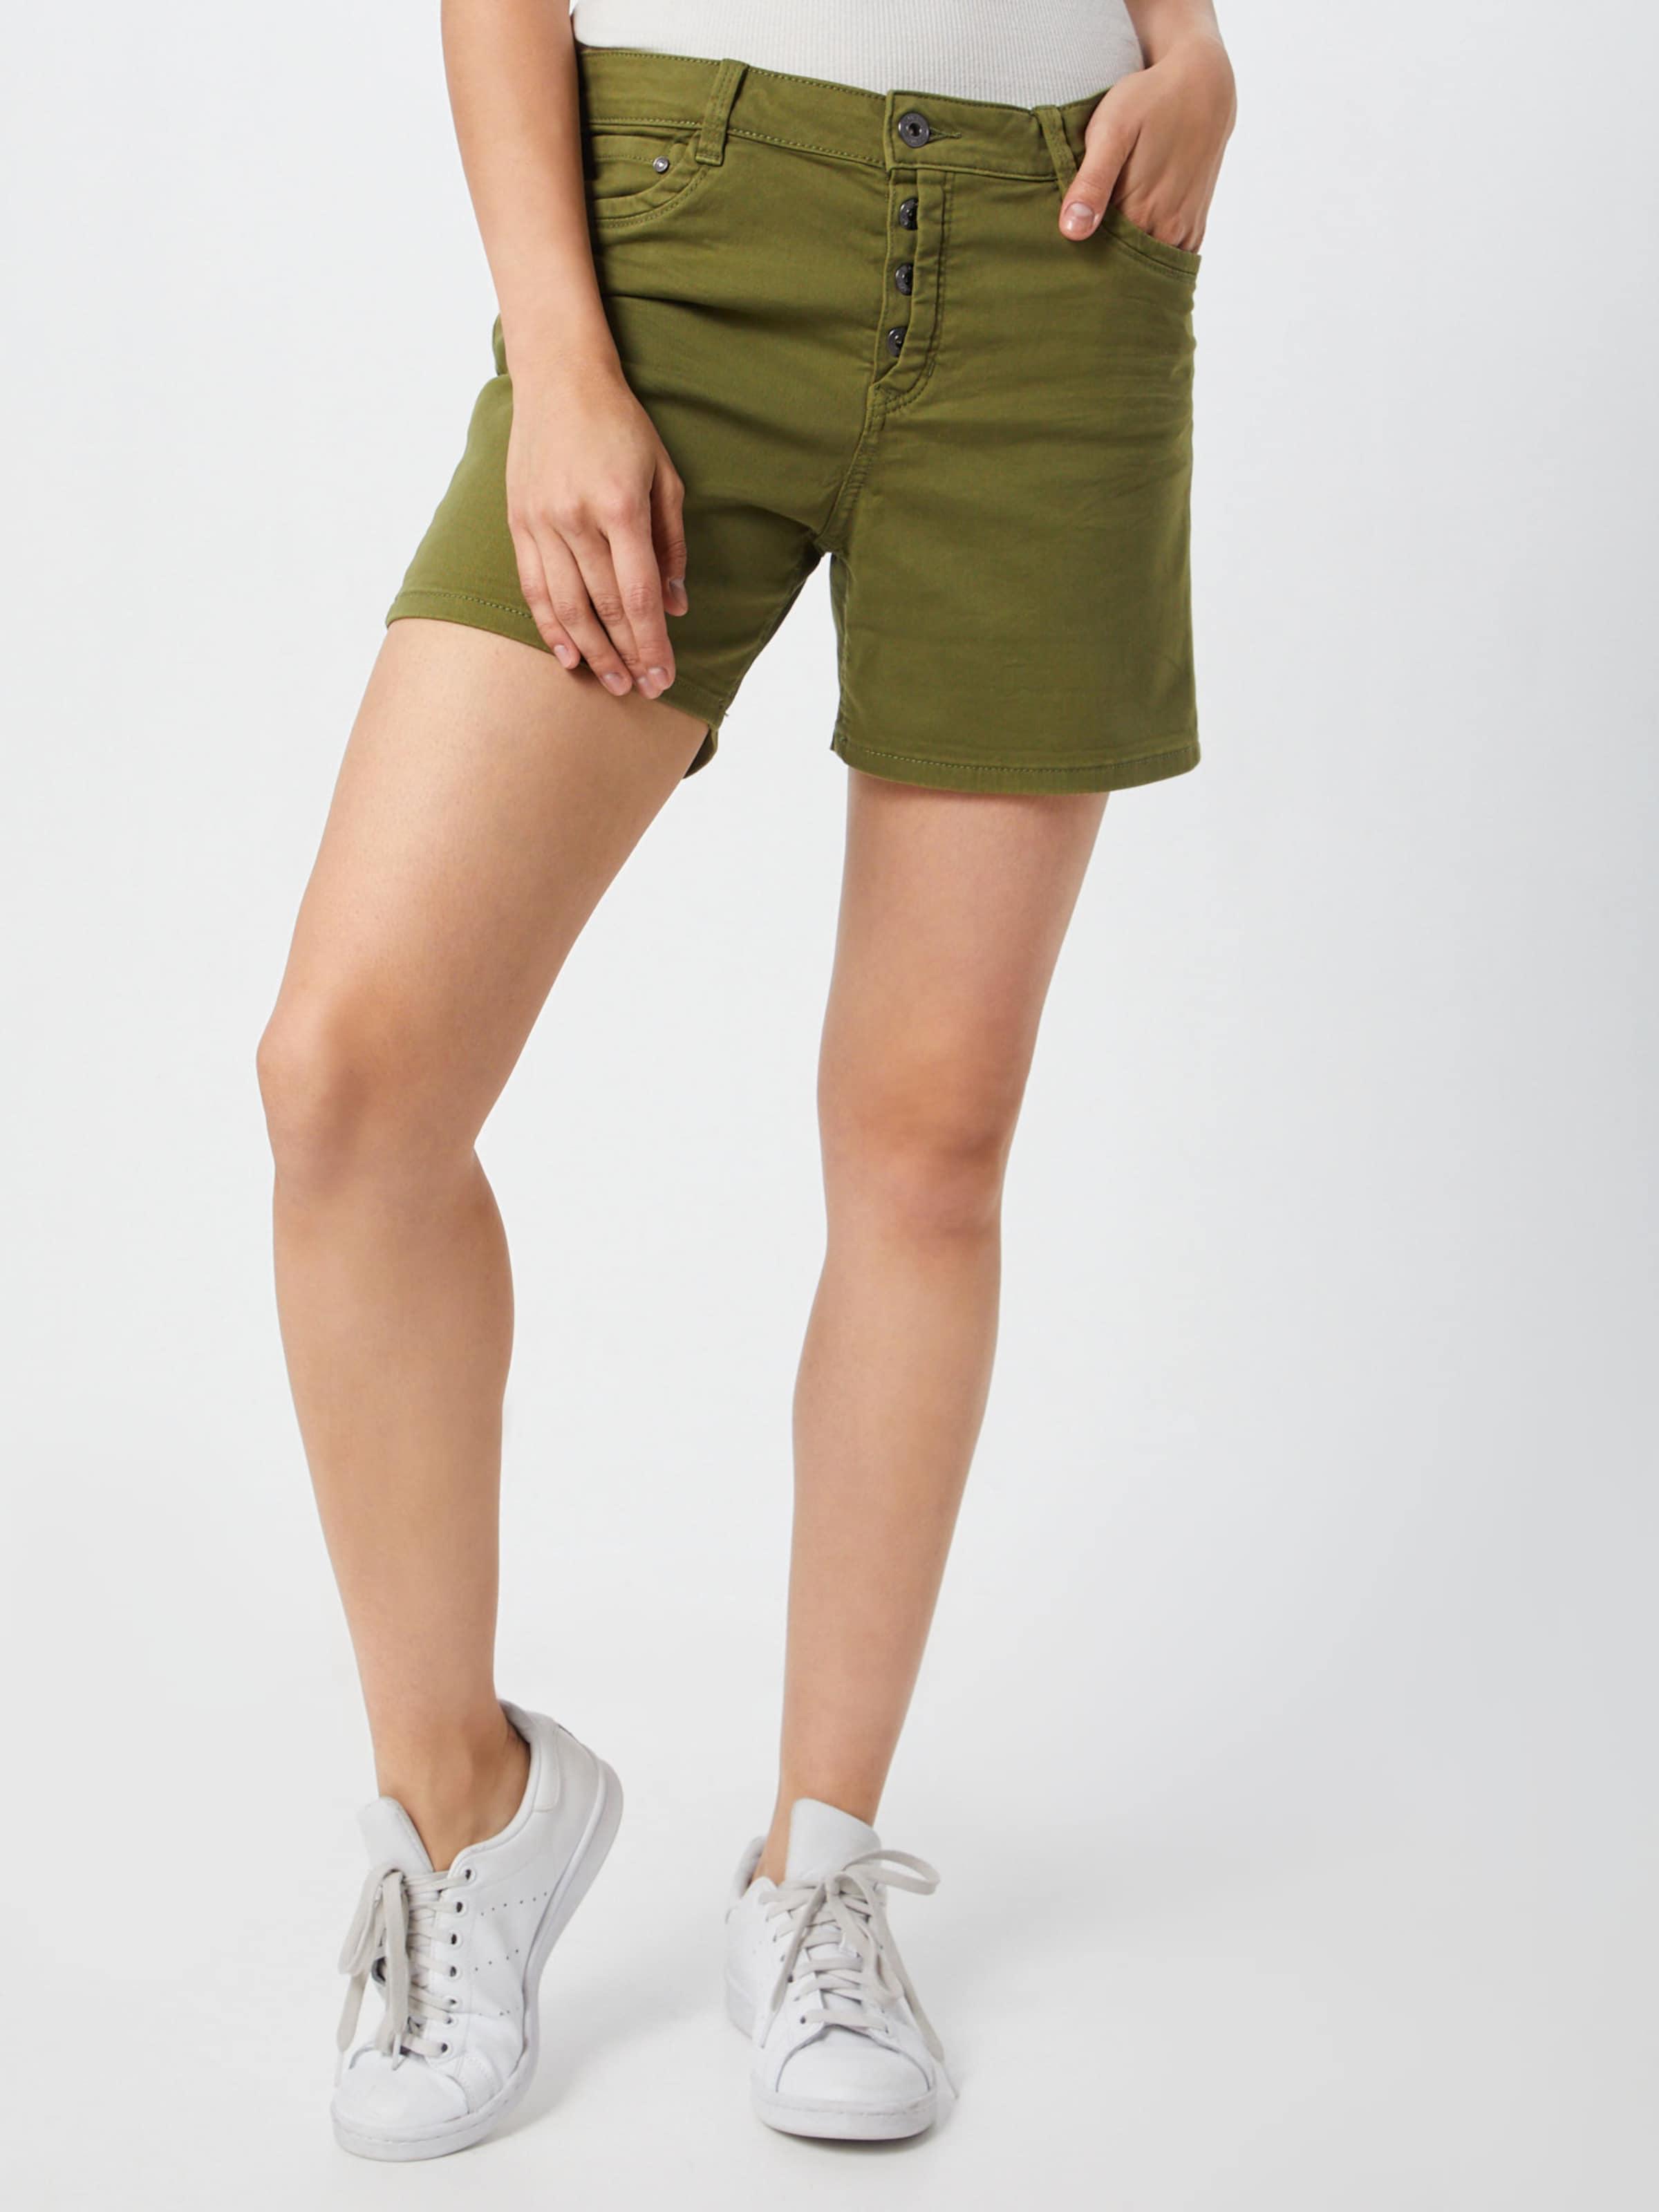 Shorts In Tom Tailor Denim 'cajsa' Oliv nmN8v0ywO